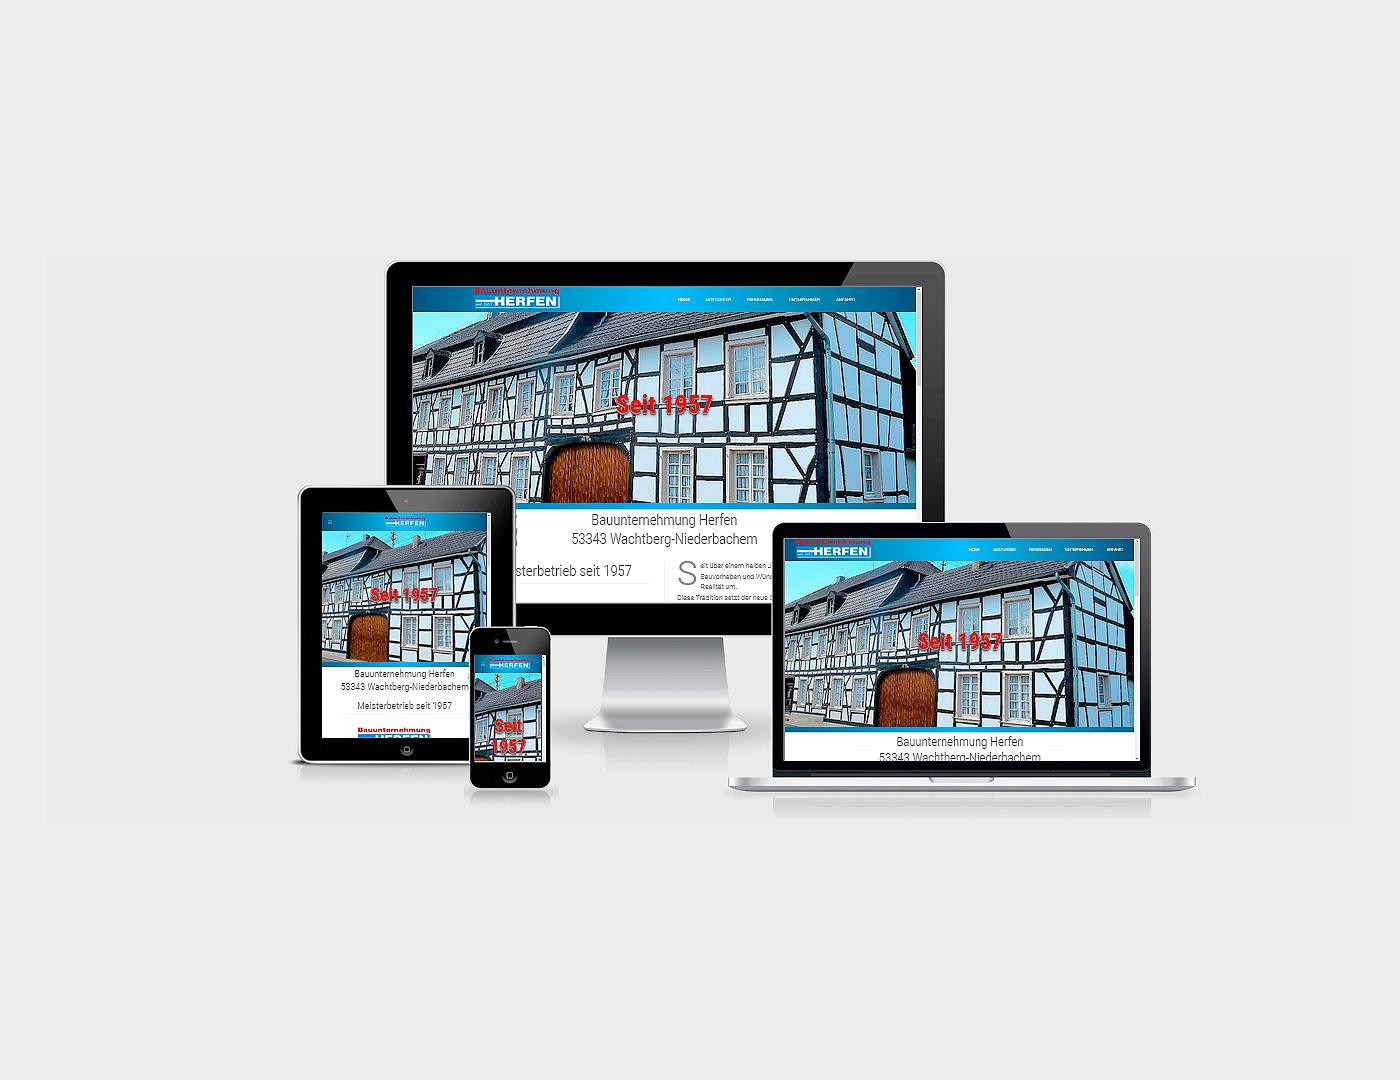 Webdesign Eifel erstellte Webseite fuer Bauunternehmung Herfen GmbH in Bonn Wachtberg